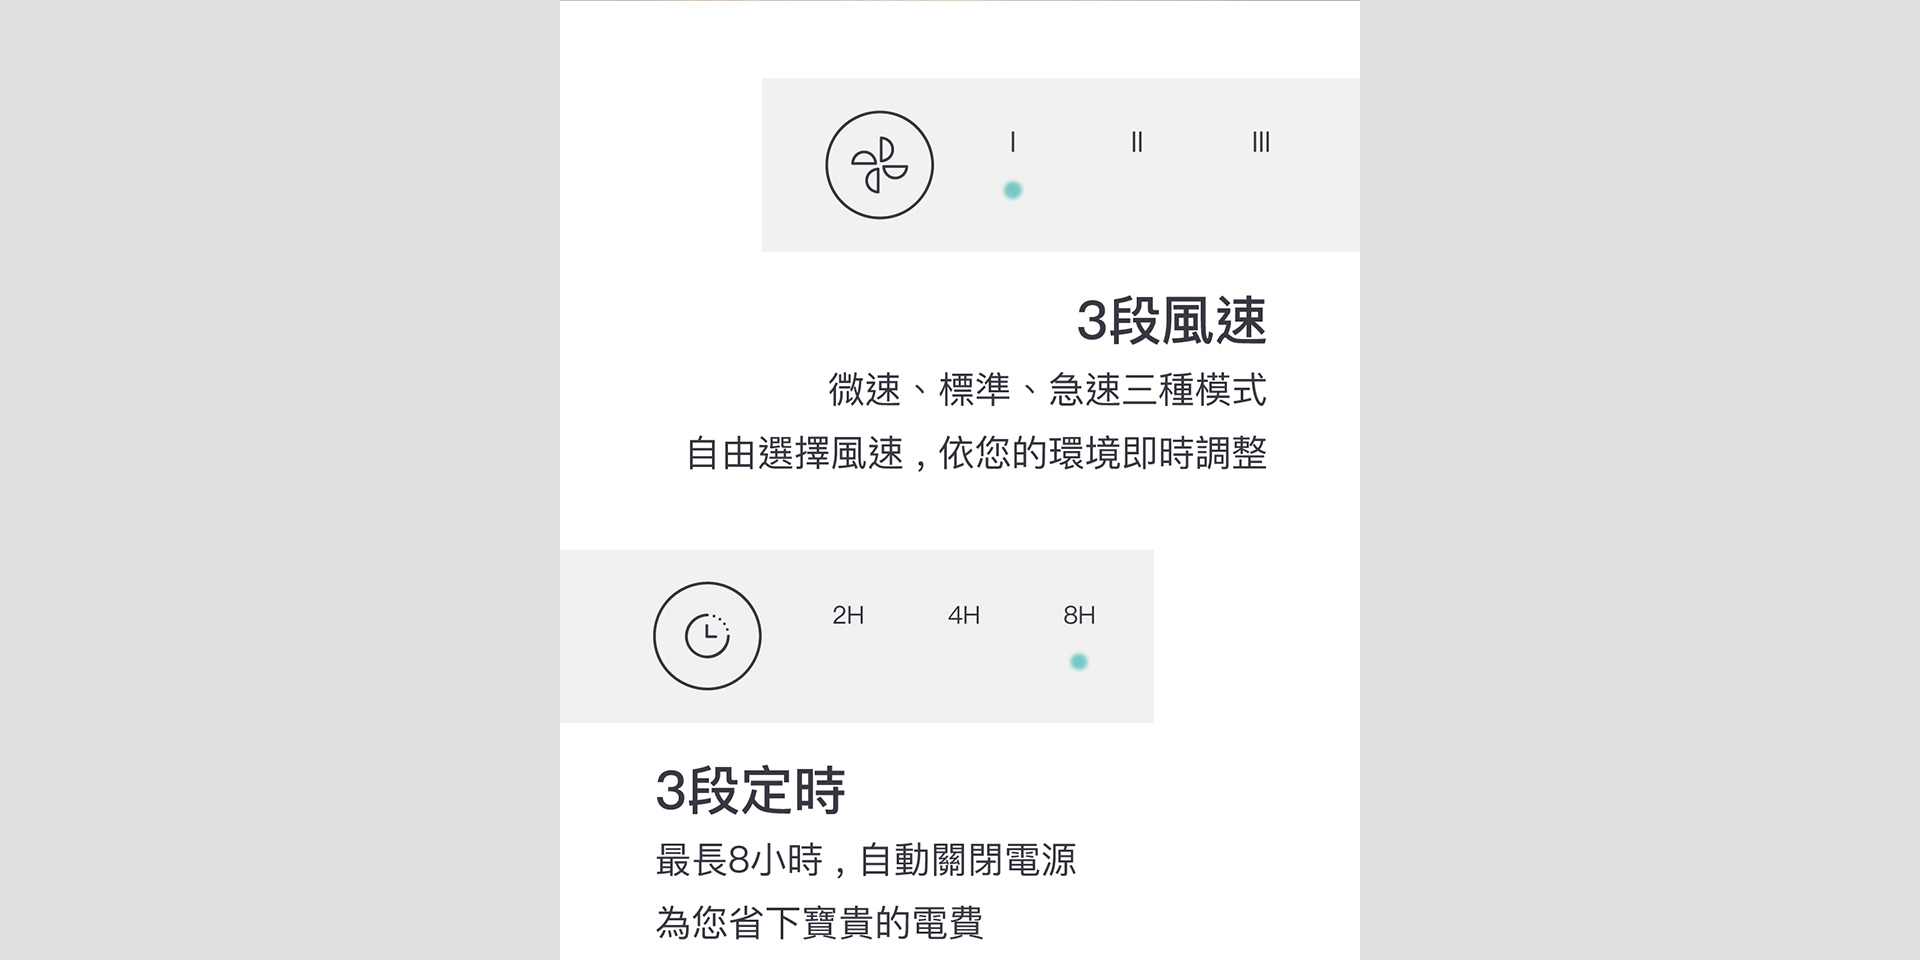 f101_14周年慶-Mobile版_20191104_V4_pc_10